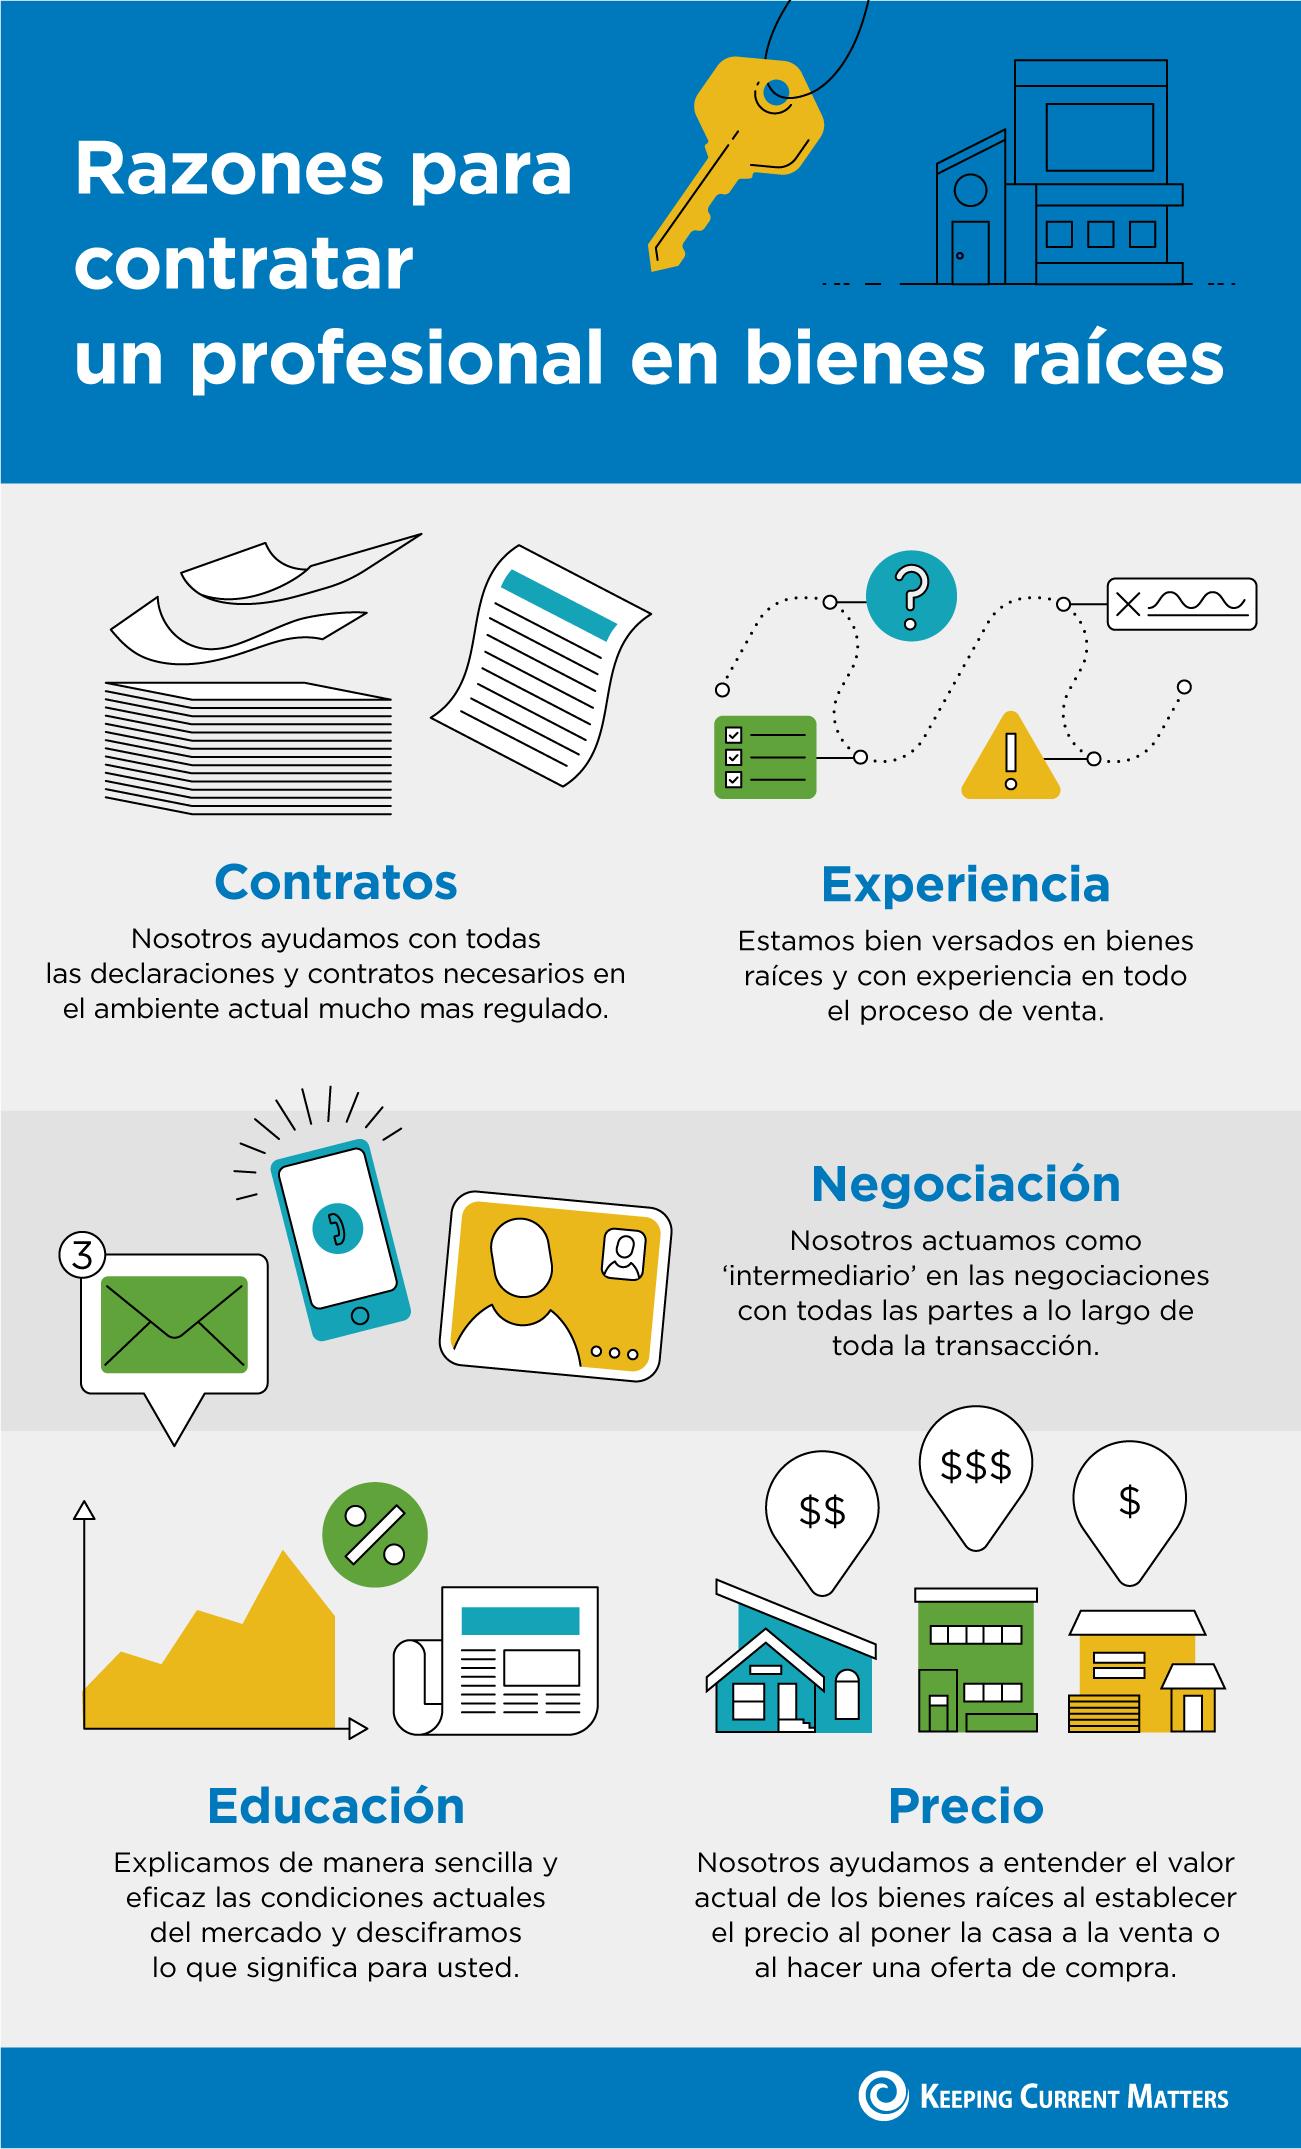 Razones para contratar un profesional en bienes raíces [infografía] | Keeping Current Matters